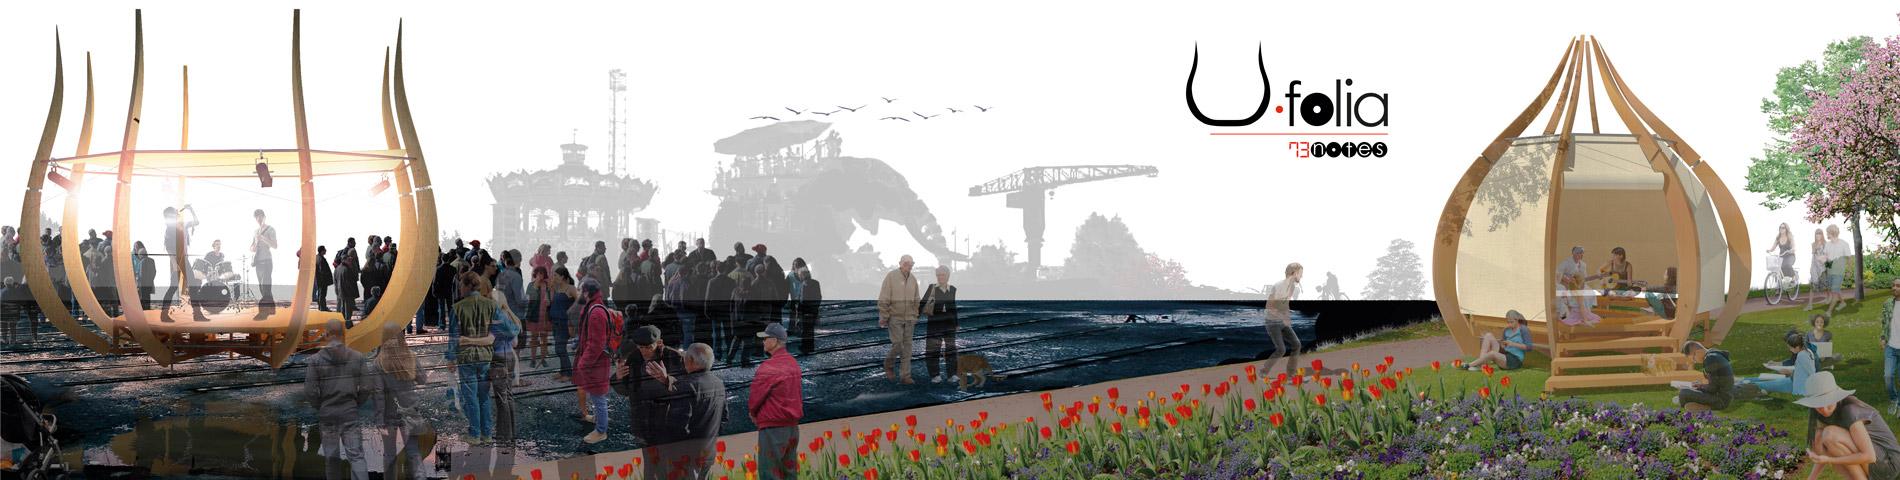 U.folia, la scène mobile dans Nantes et sa région